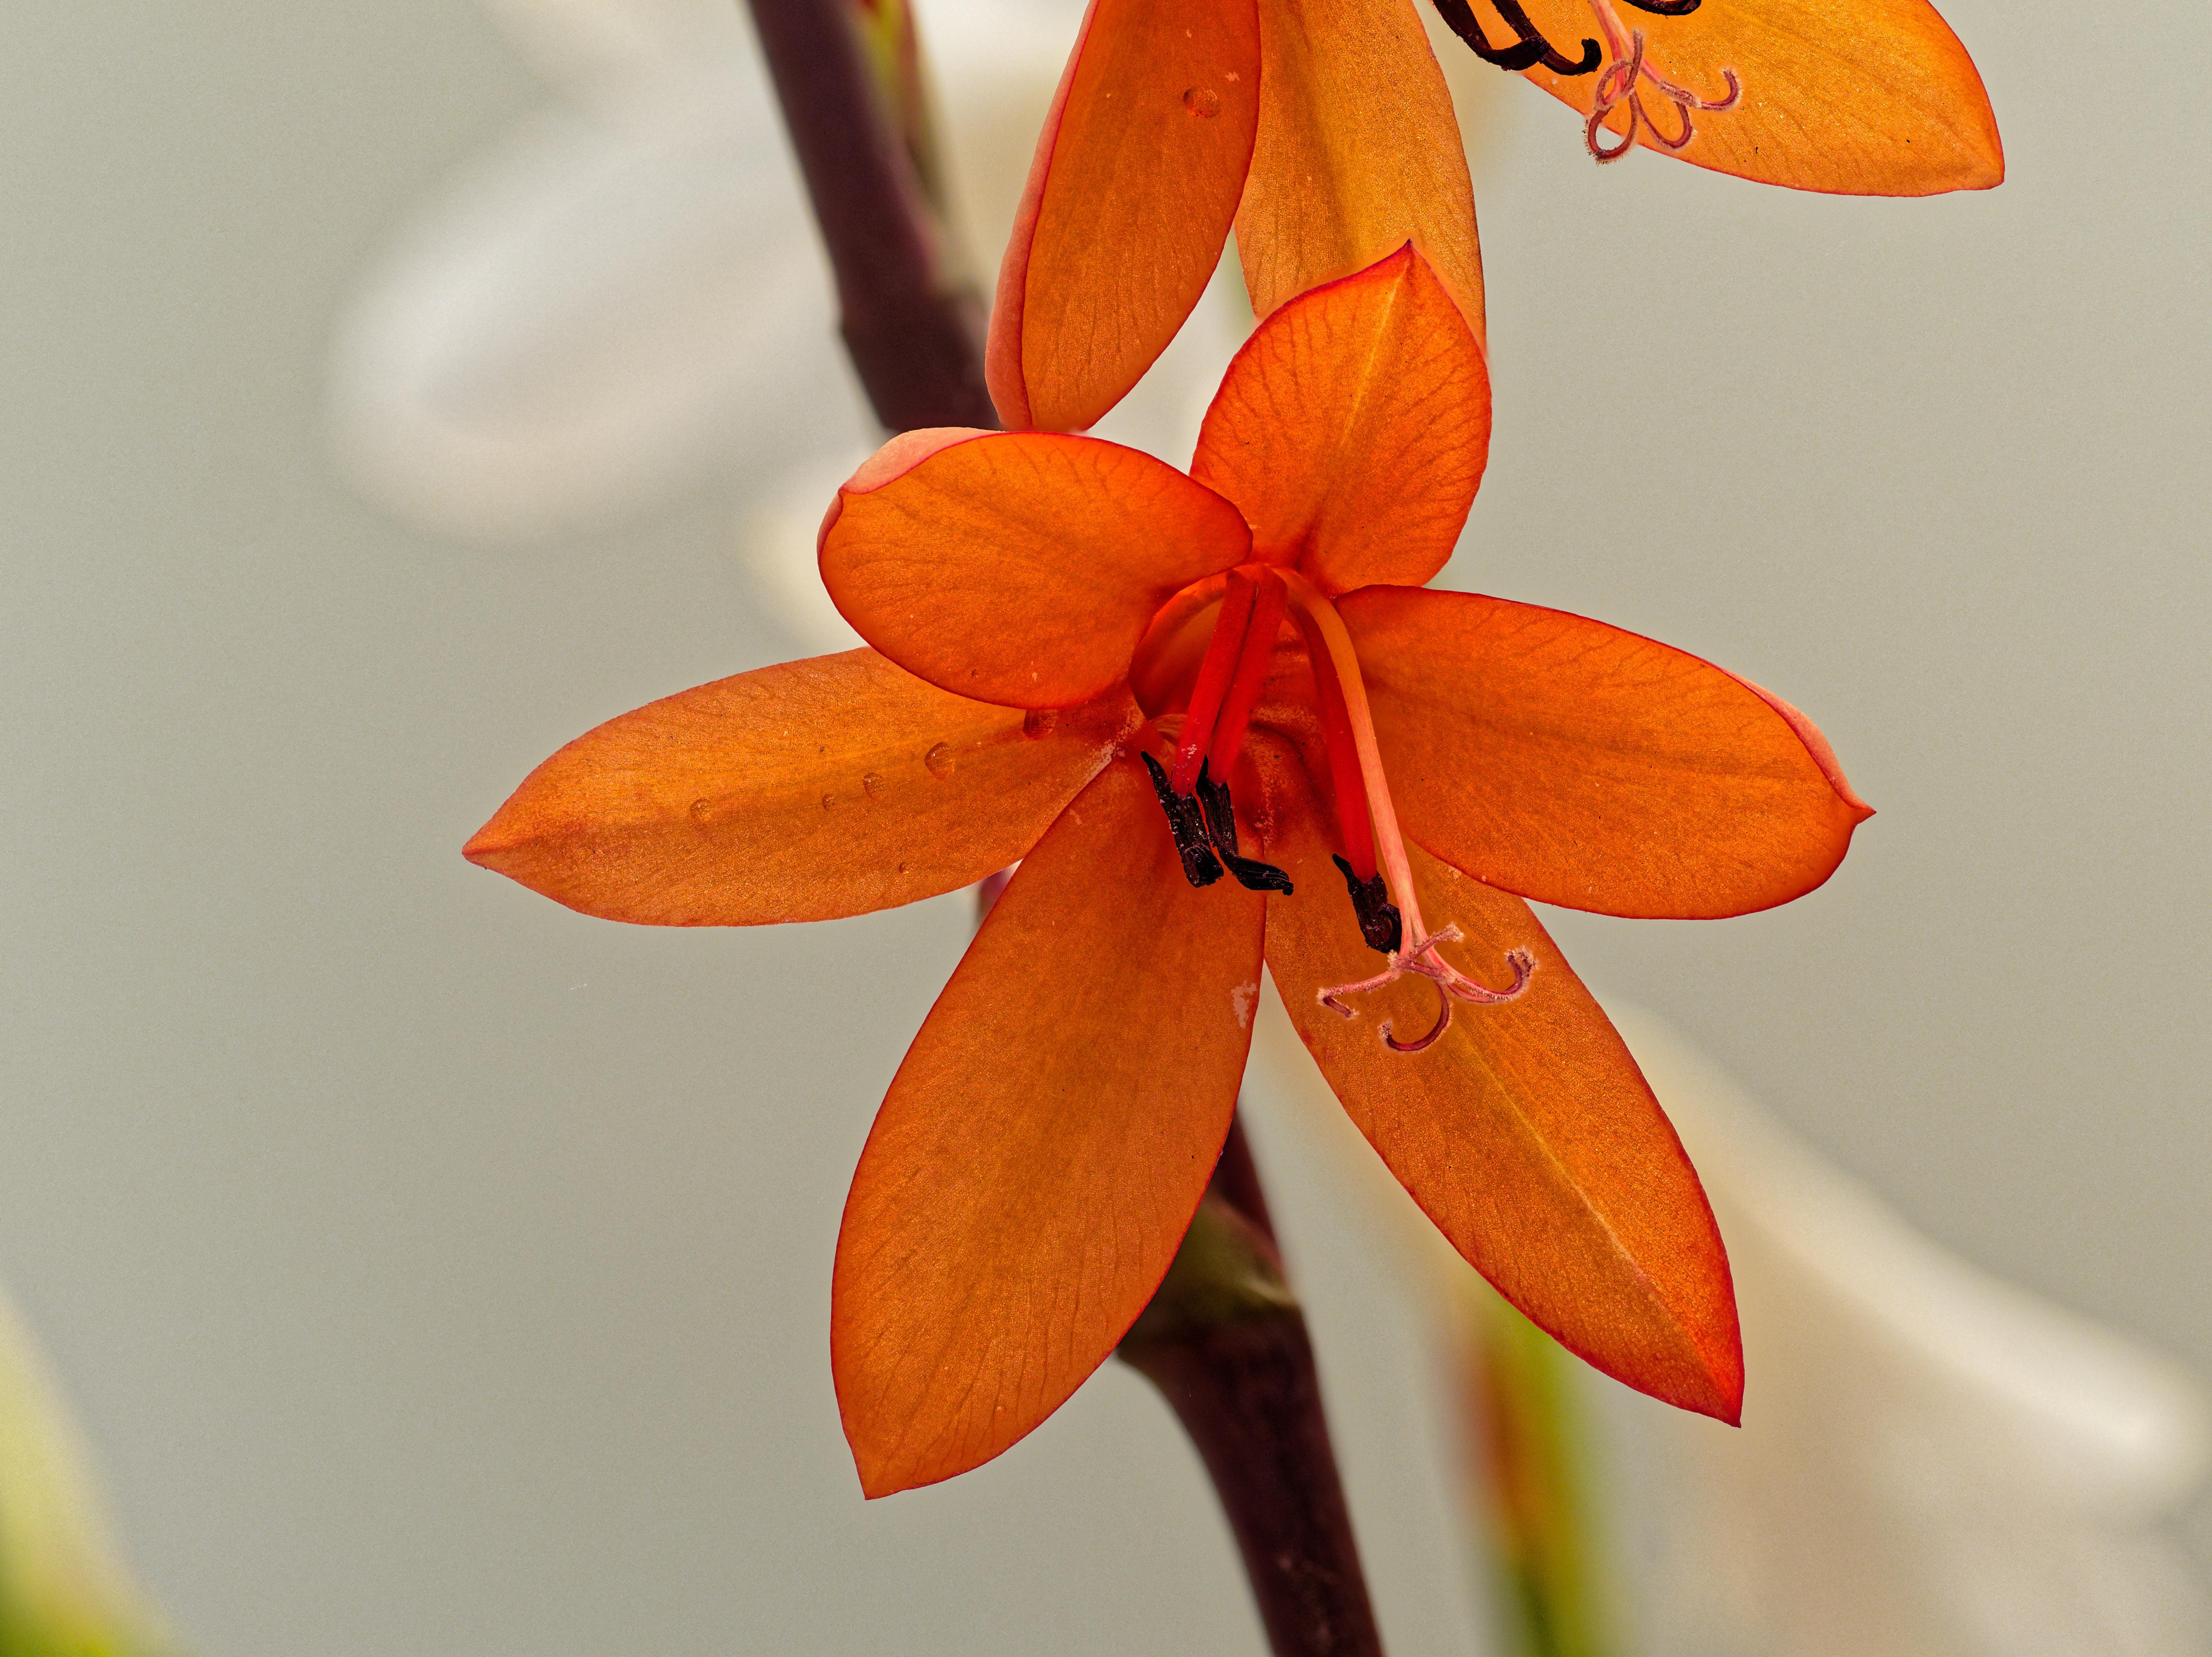 Watsonia-6-DMap.jpeg